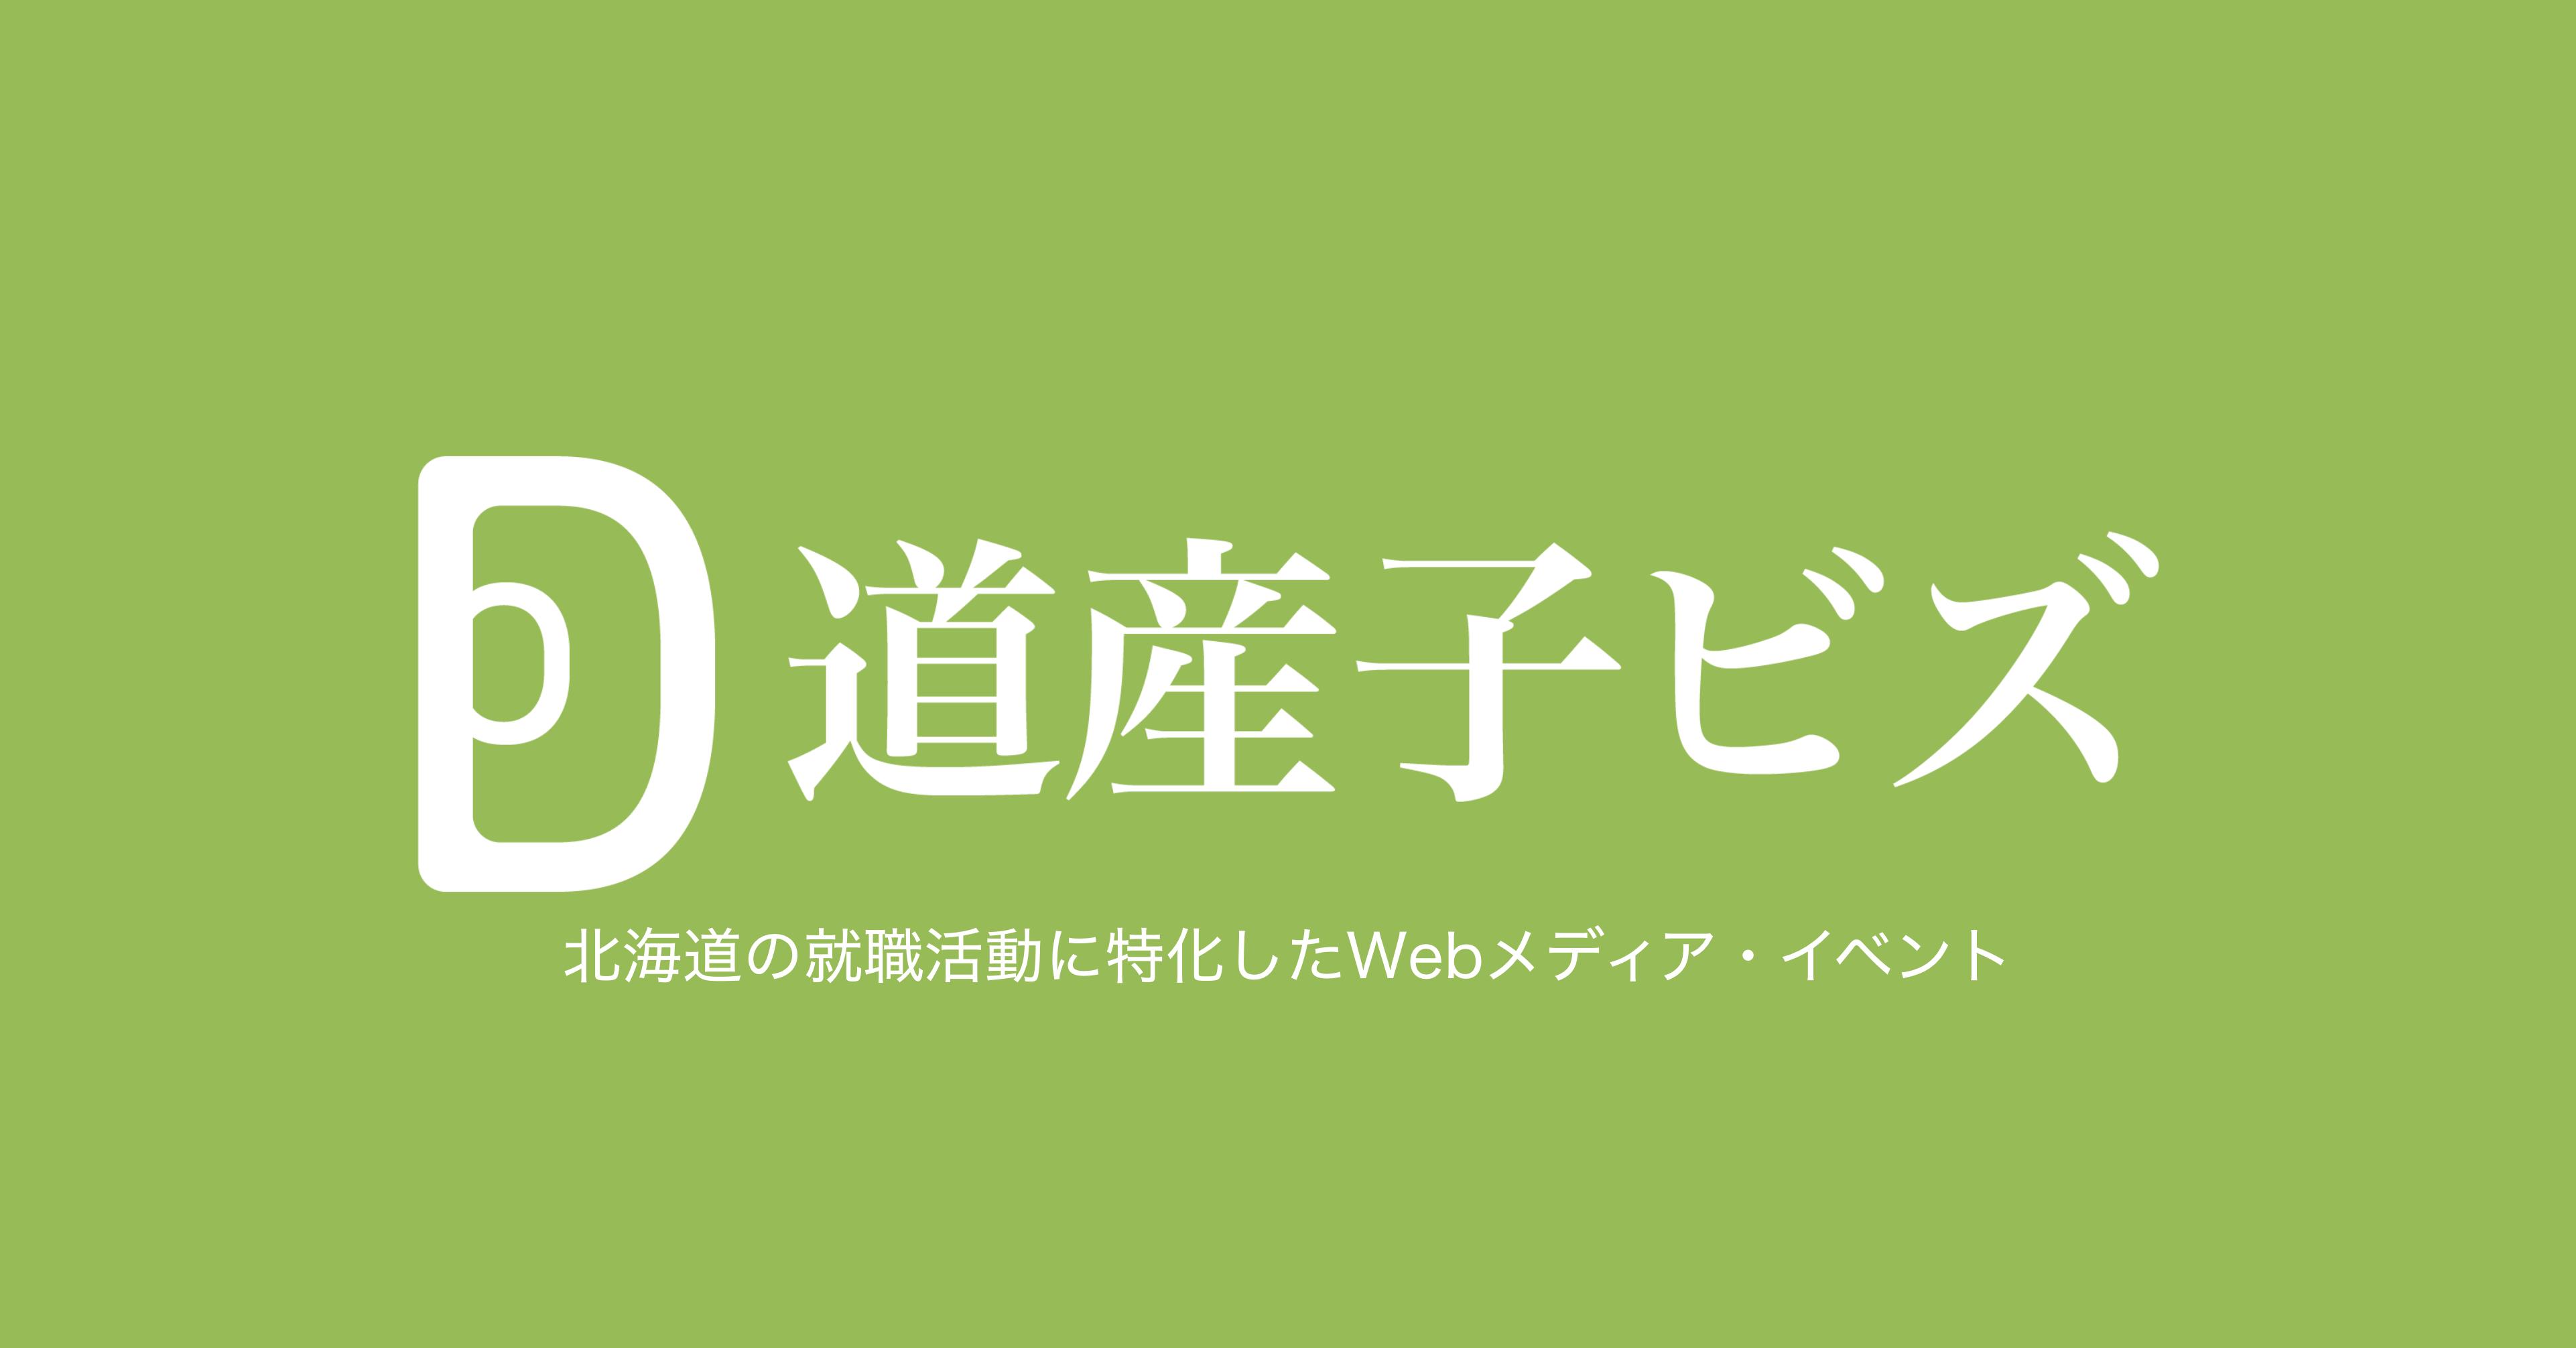 道産子ビズ|北海道の就職活動に特化したWebメディア・イベント